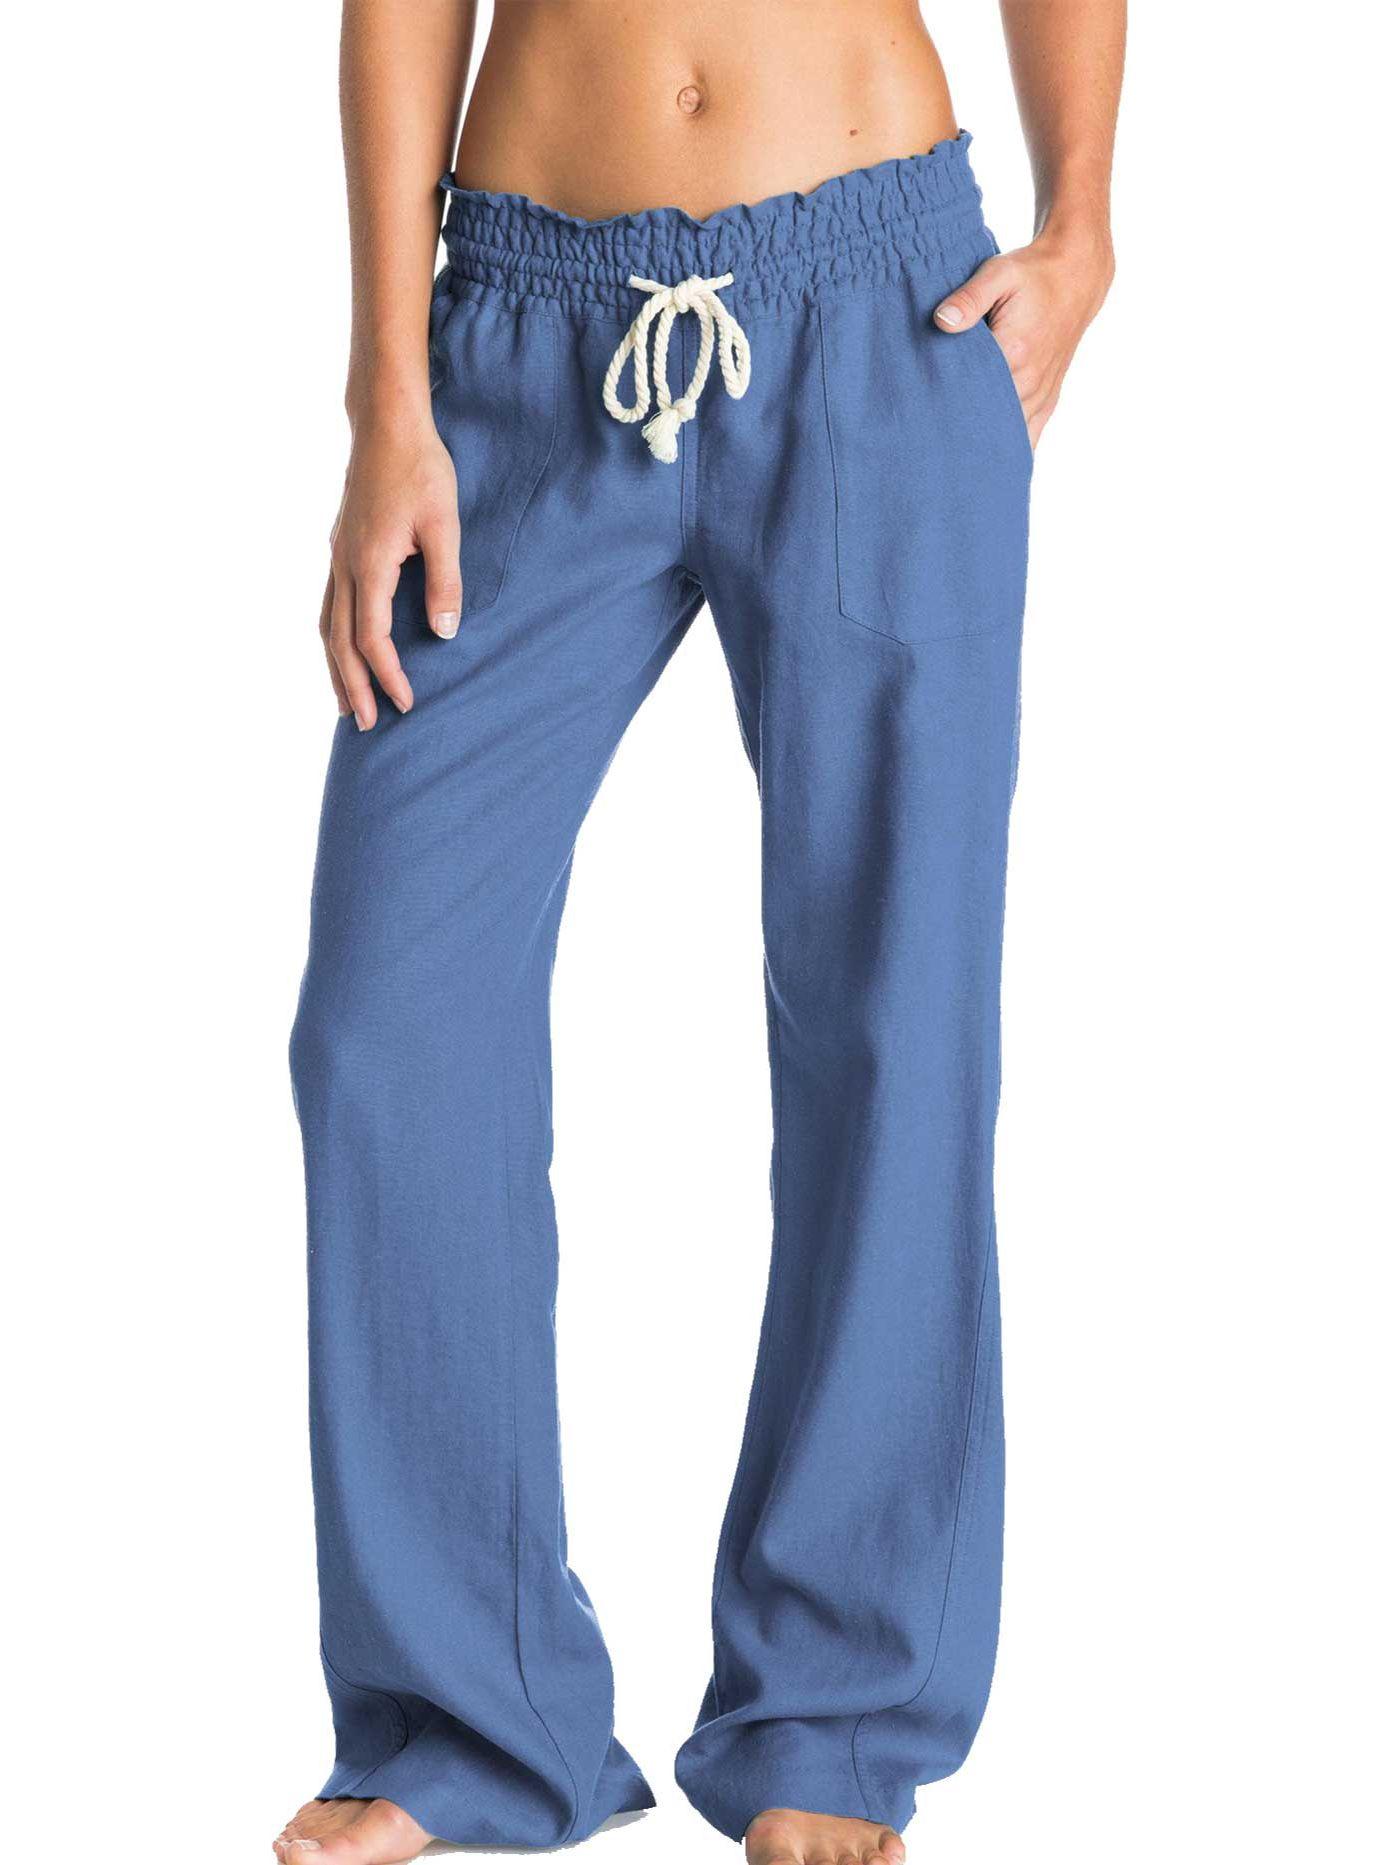 Roxy Women's Ocean Side Pants